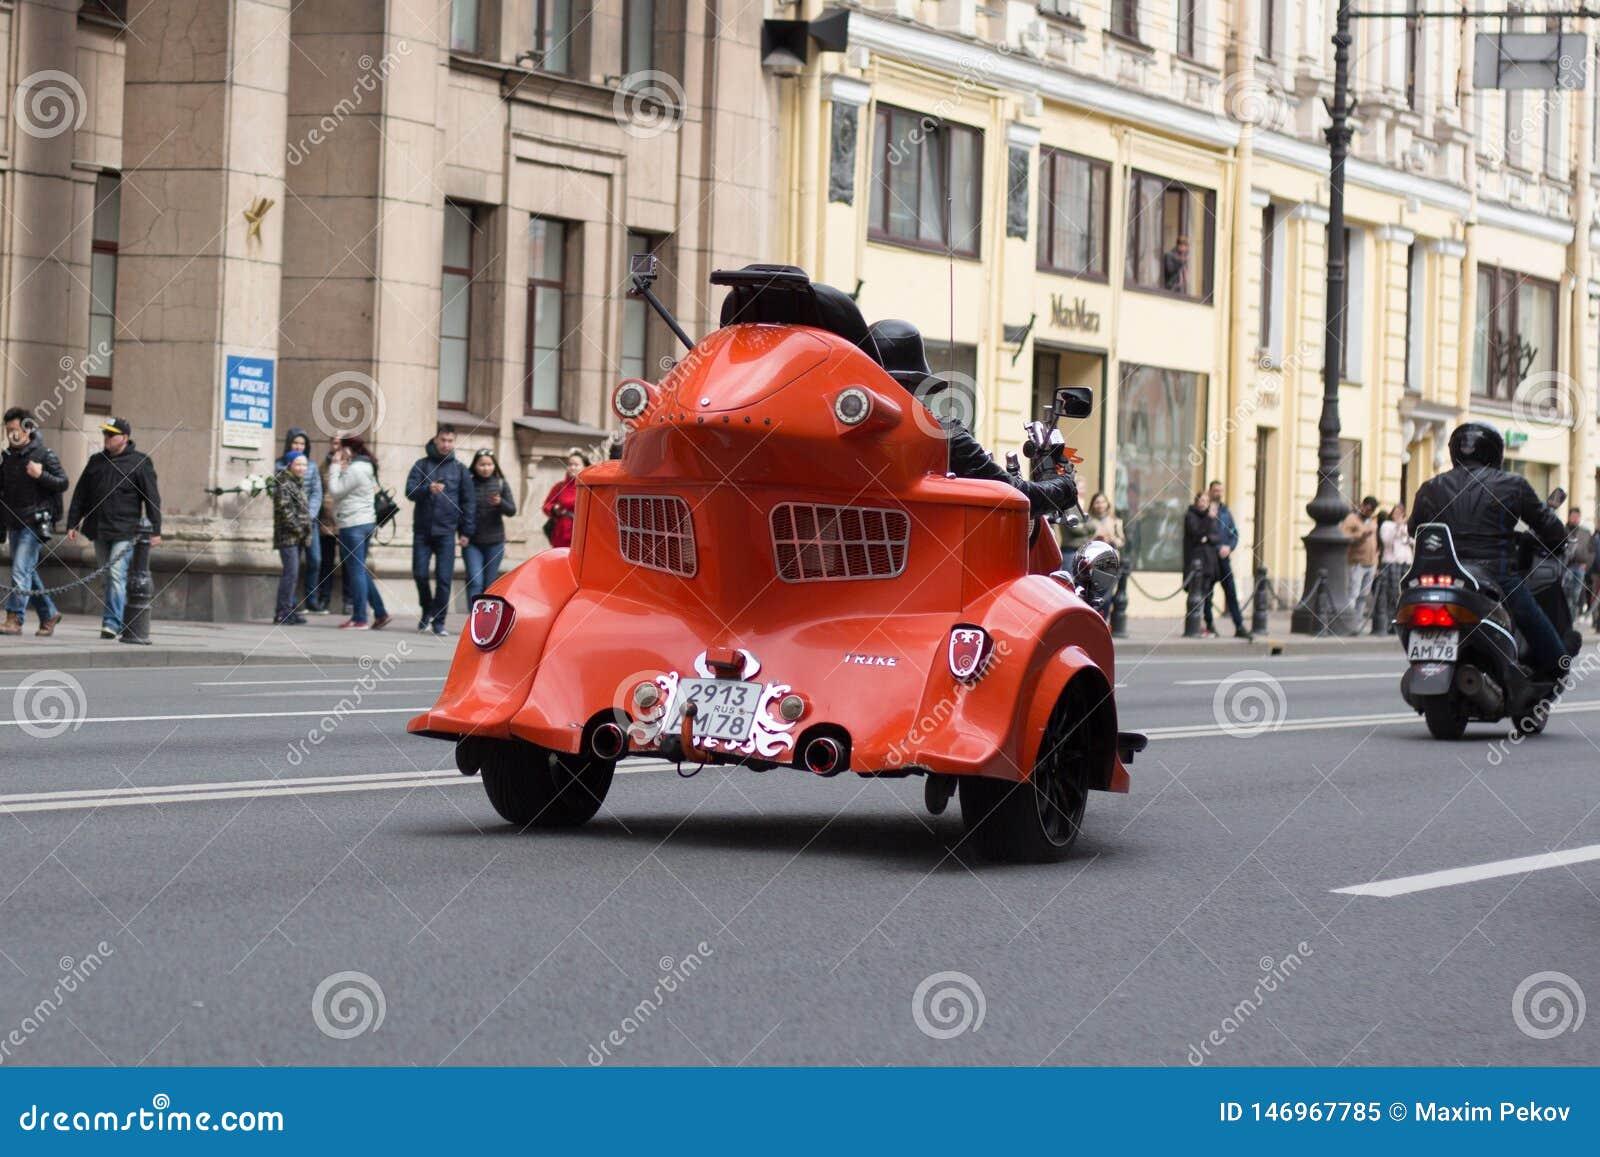 Motoparad Велосипедисты едут на главной улице Санкт-Петербурга на крутом и красивый